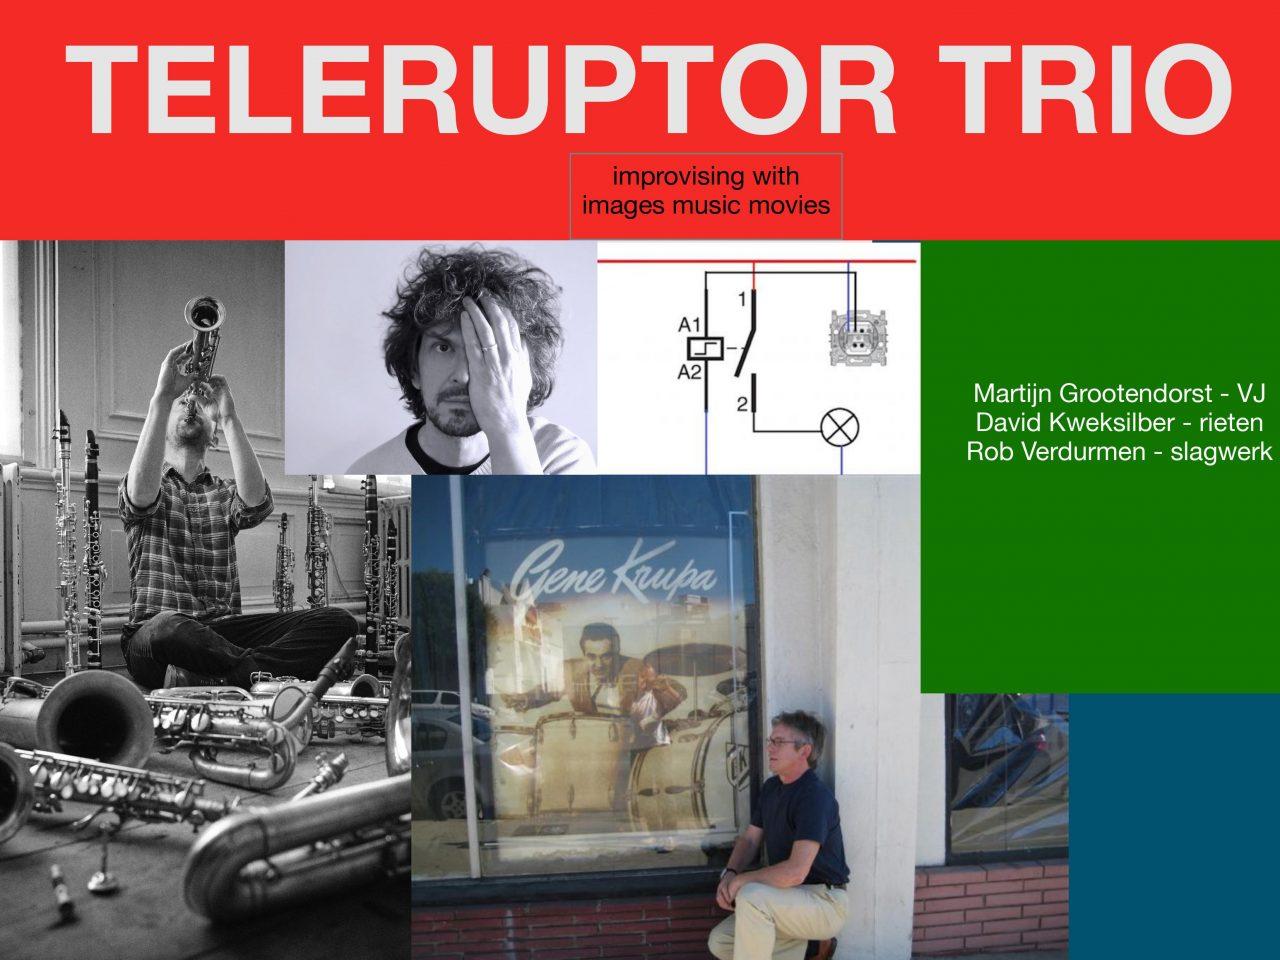 Teleruptor Trio